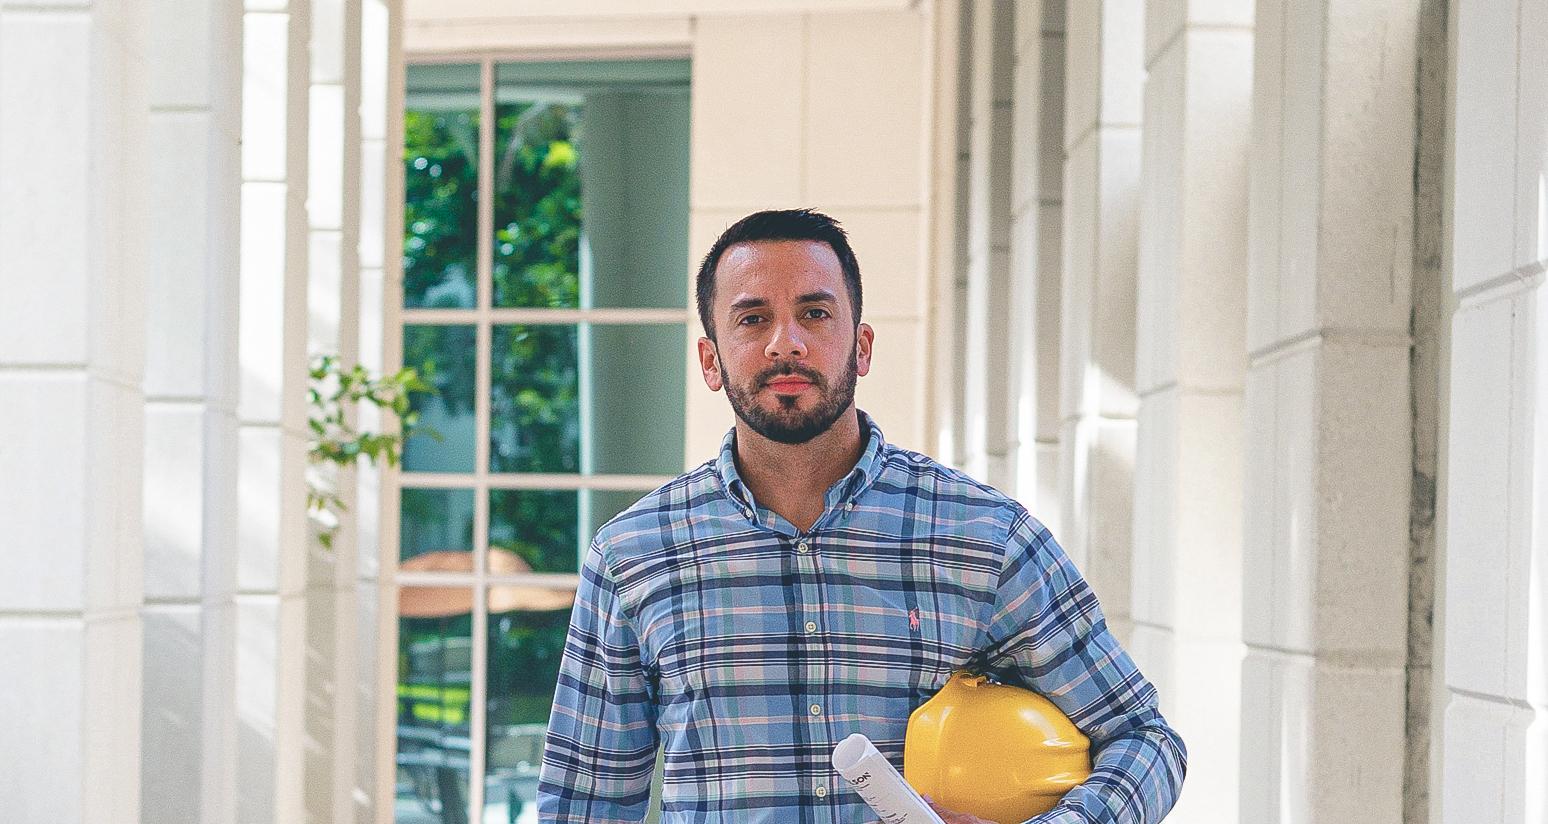 Alejandro - HVAC engineer from Miami